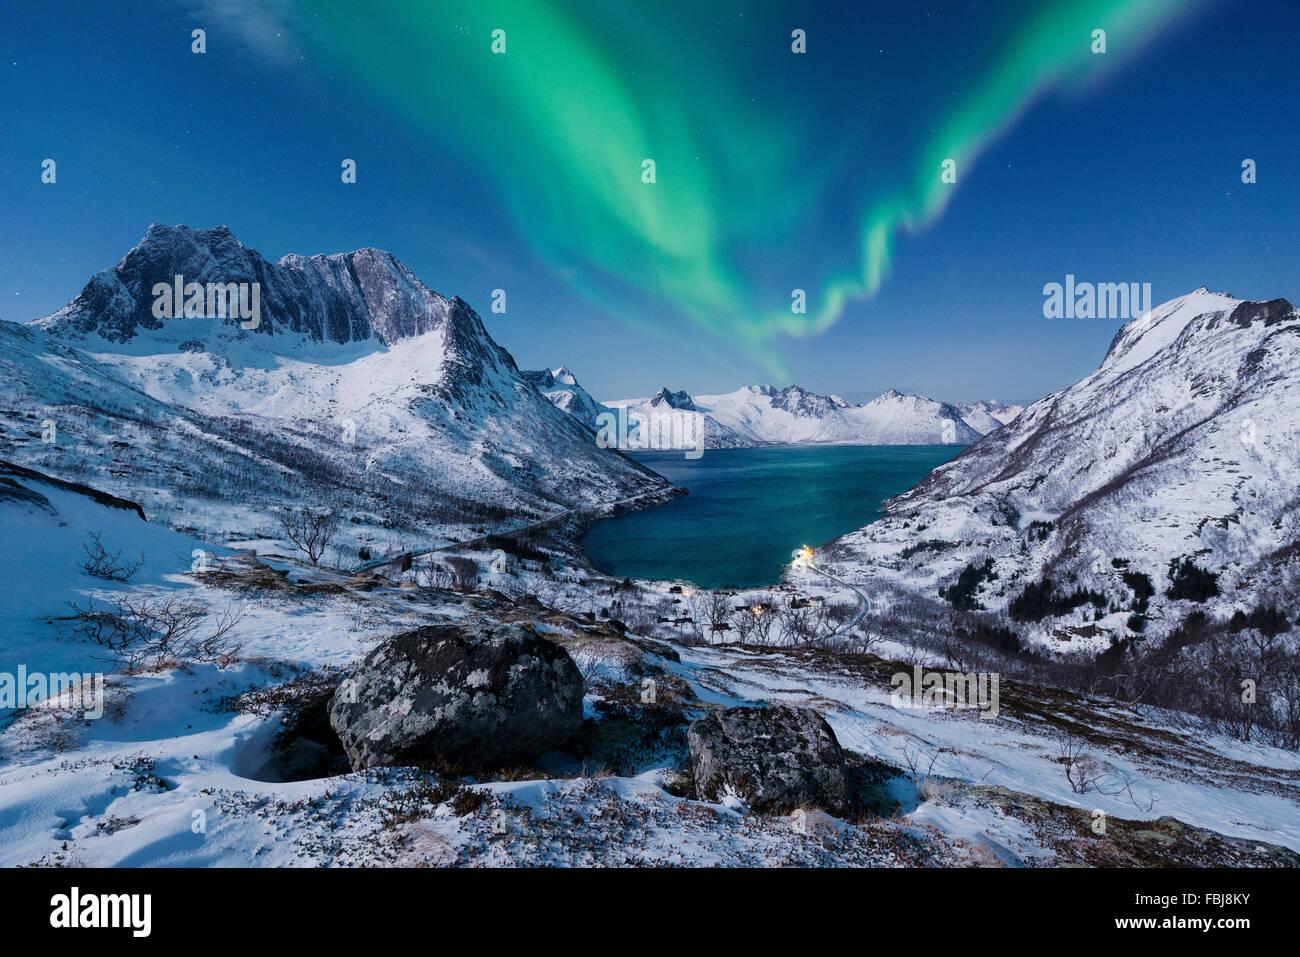 norwegen senja insel nordlicht aurora borealis aurora borealis anzeigen weite schnee. Black Bedroom Furniture Sets. Home Design Ideas